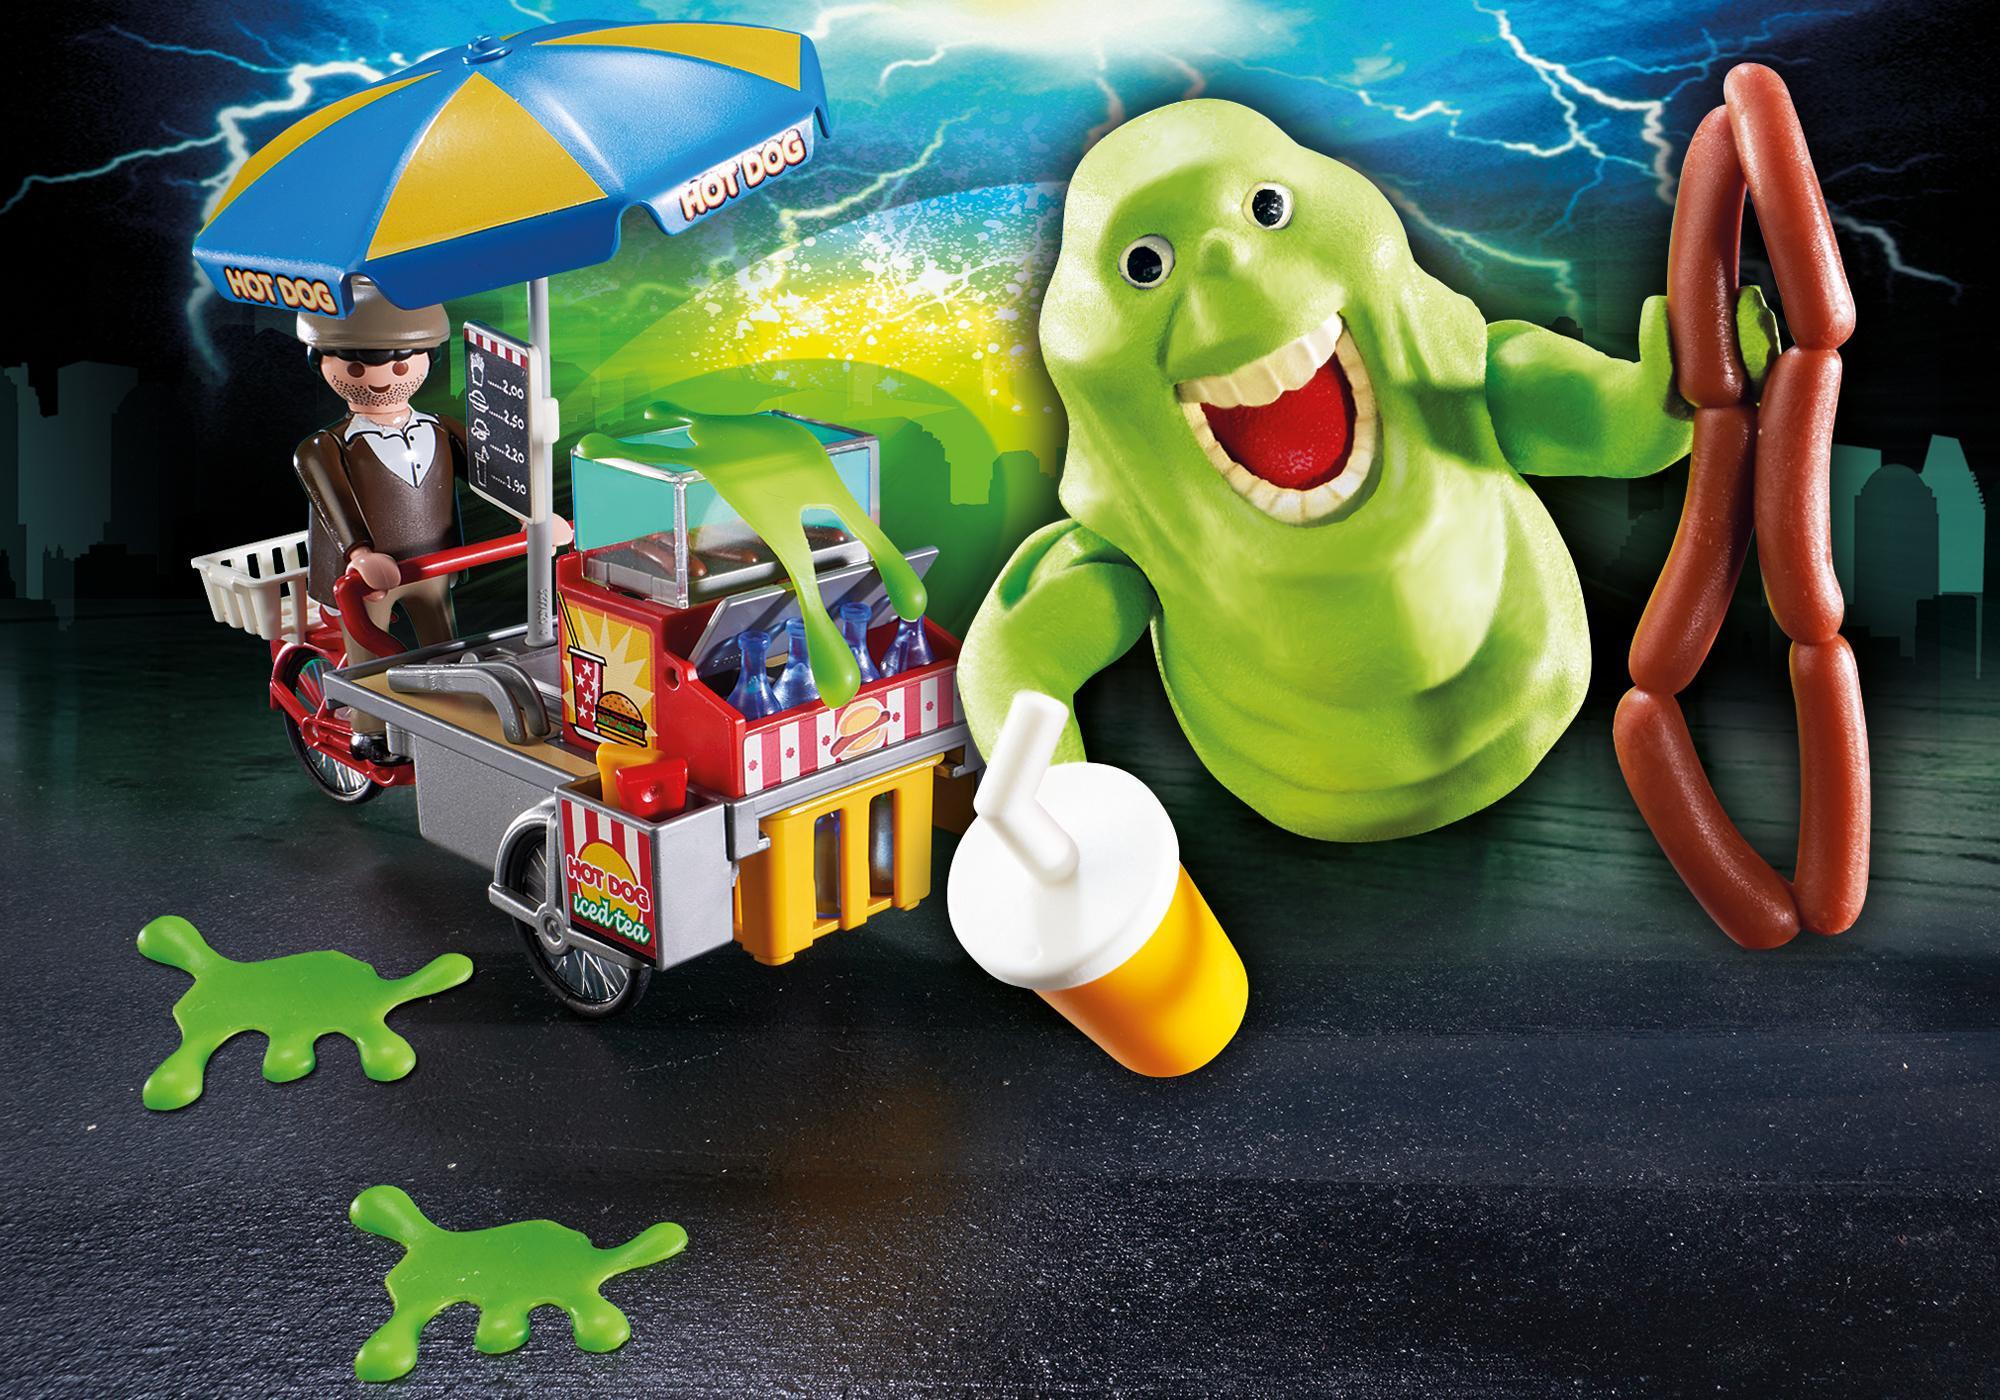 http://media.playmobil.com/i/playmobil/9222_product_extra1/Slimer con Stand de Hot Dog